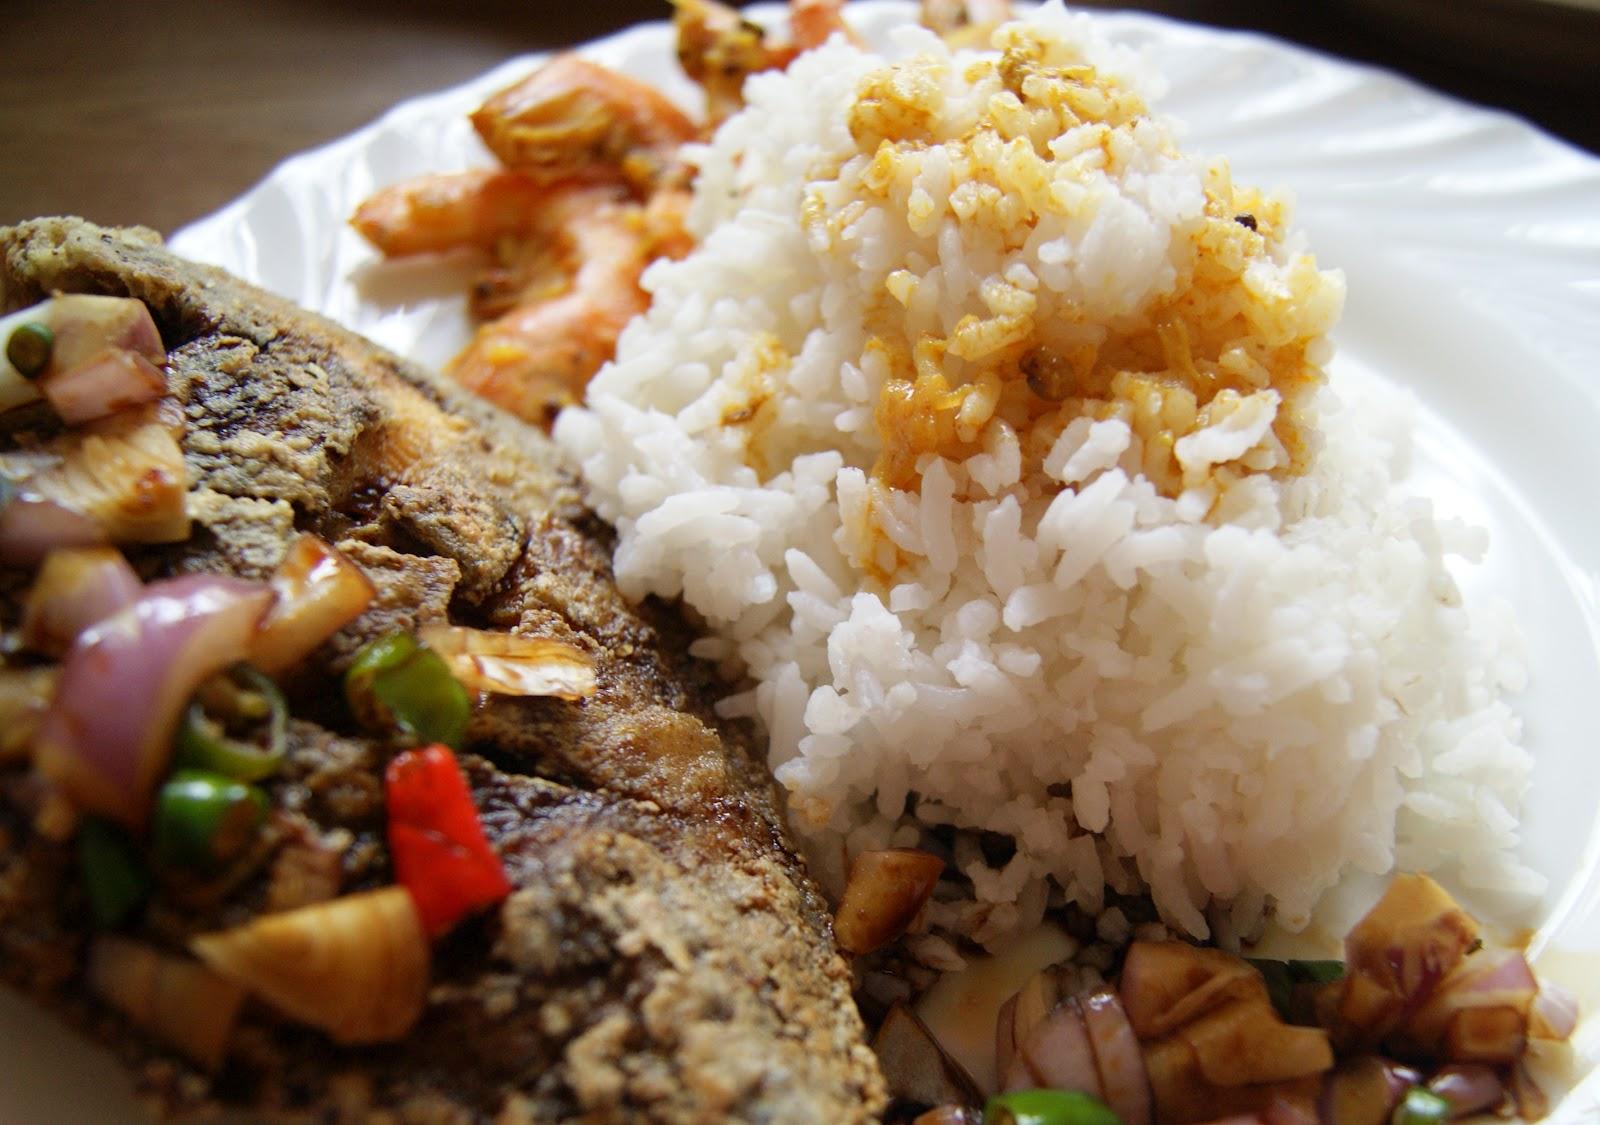 kedai bawal hitam goreng ikan bawal bramidae  satu famili ikan  susunan Resepi Ikan Bawal Emas Masak Kicap Enak dan Mudah